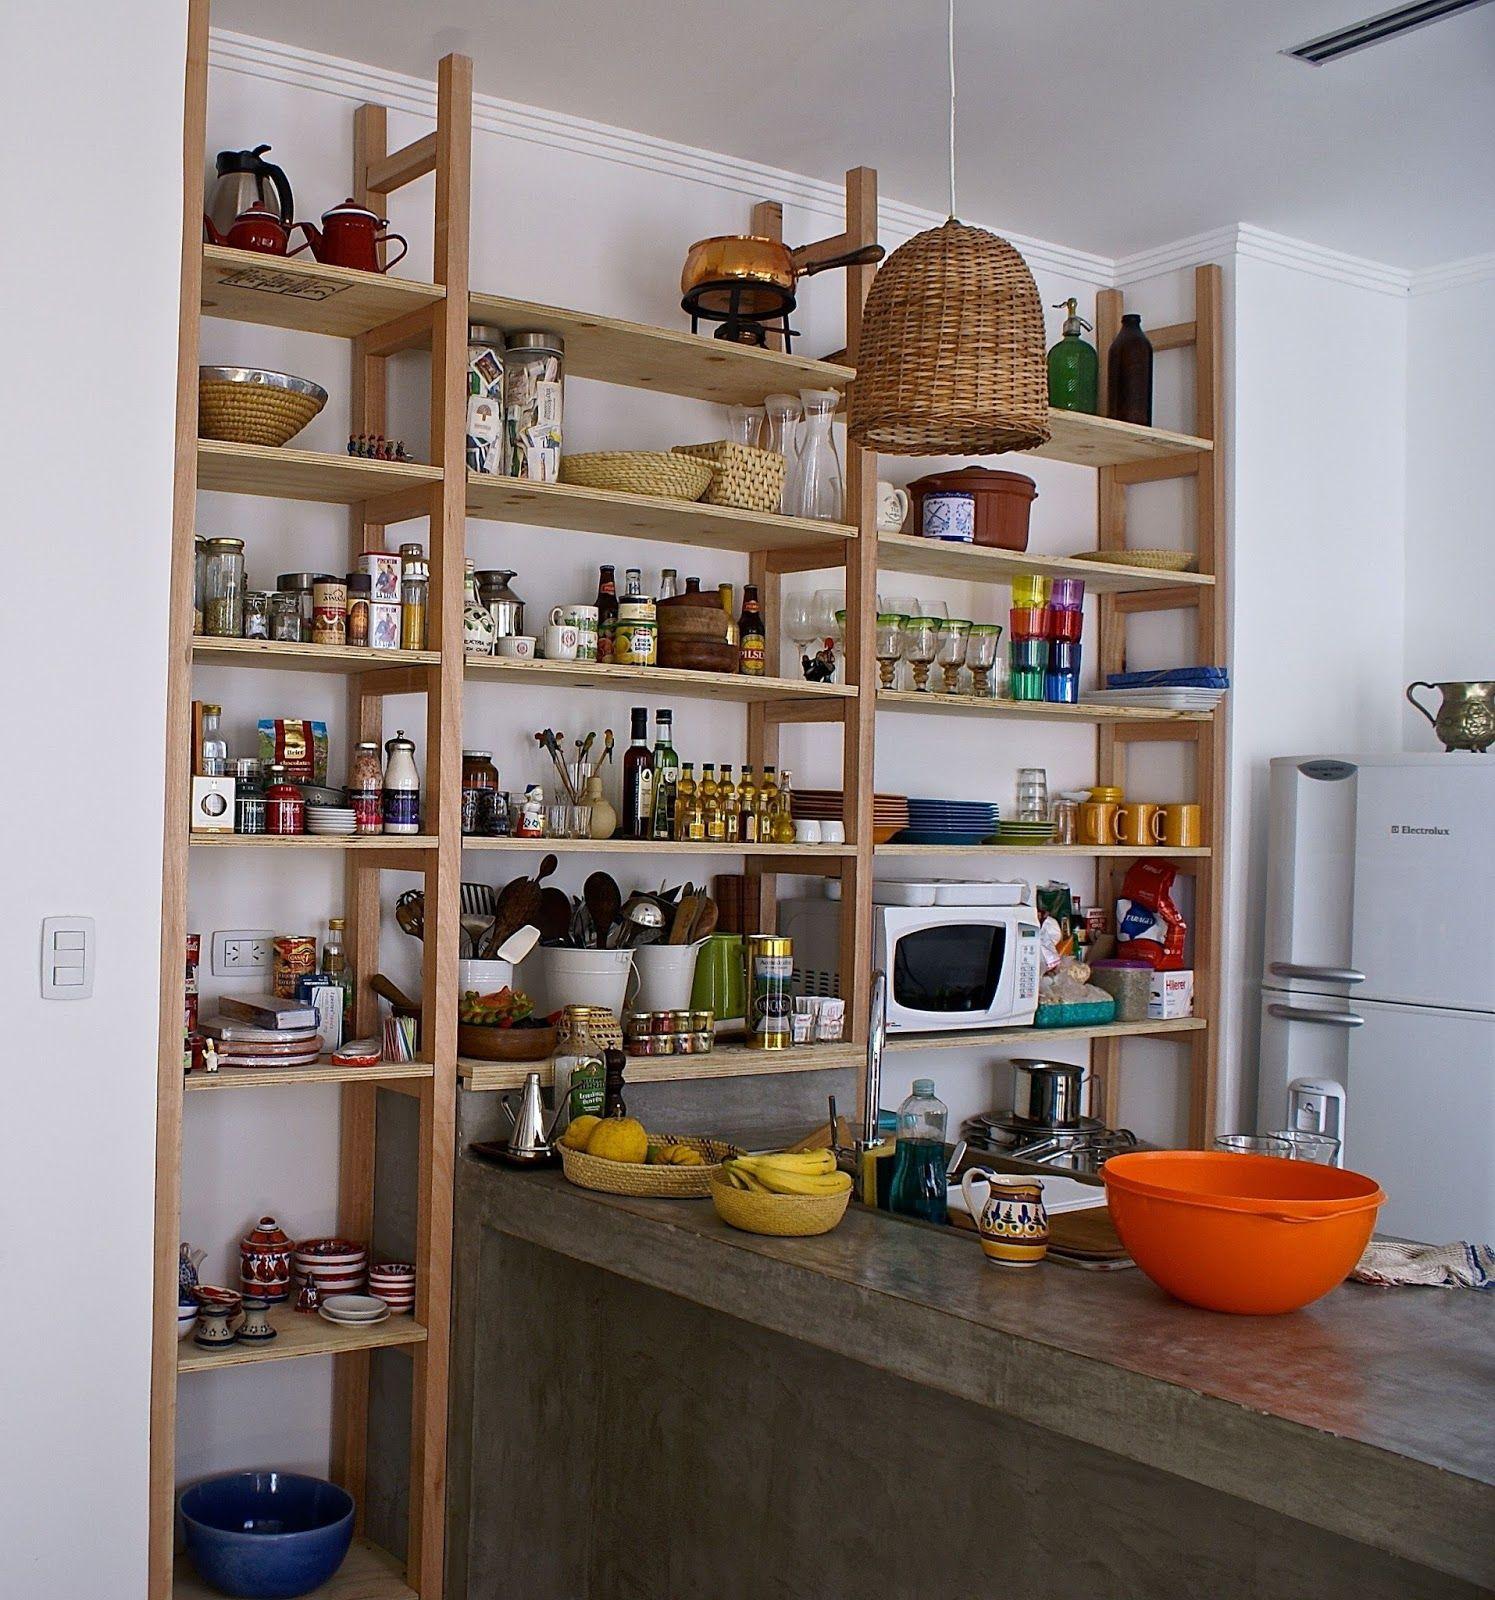 La casa del limonero la estanter a para la cocina - Estanterias pared cocina ...